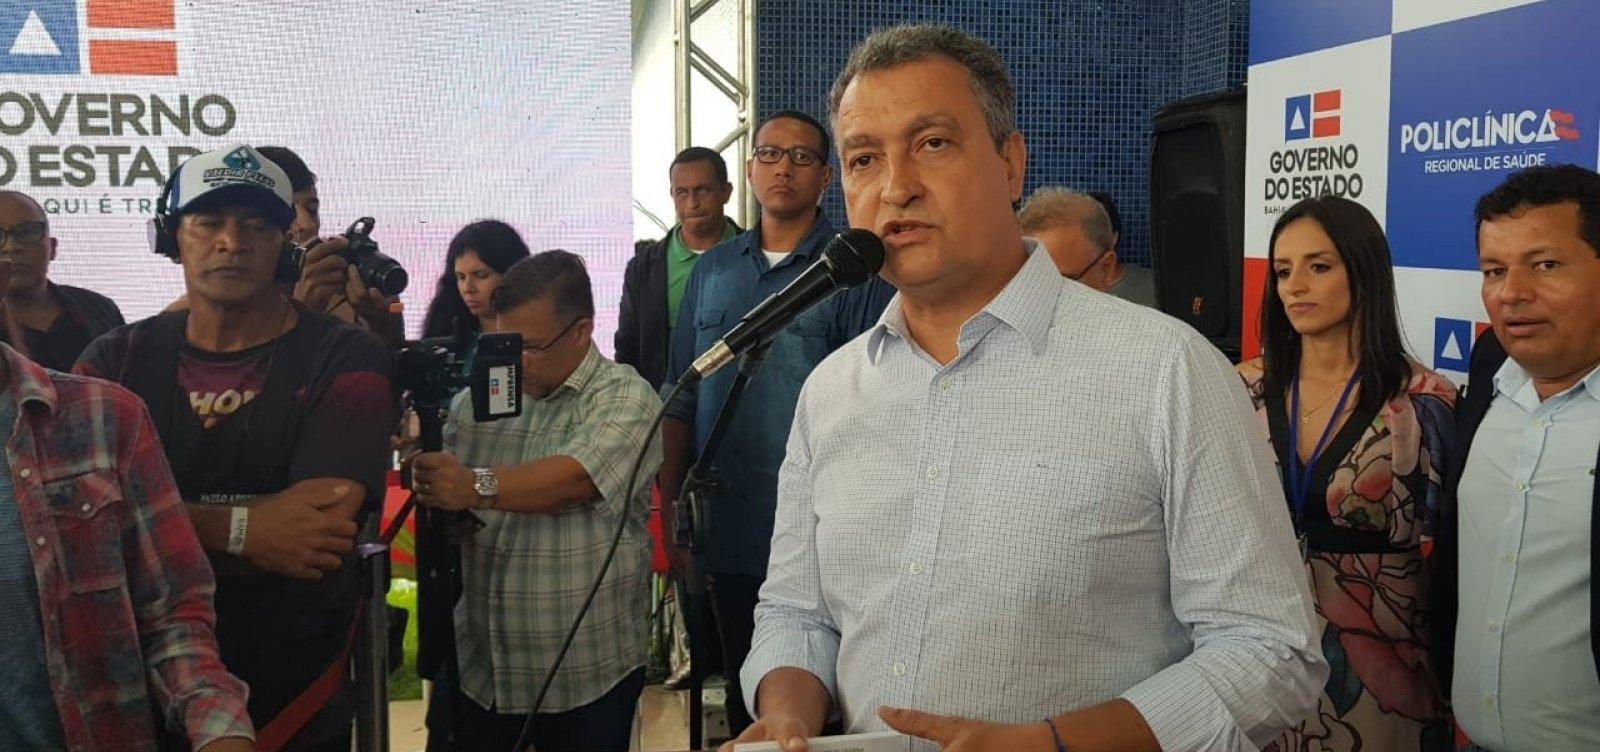 ['Várias pequenas barragens' romperam em Pedro Alexandre, diz Rui Costa]